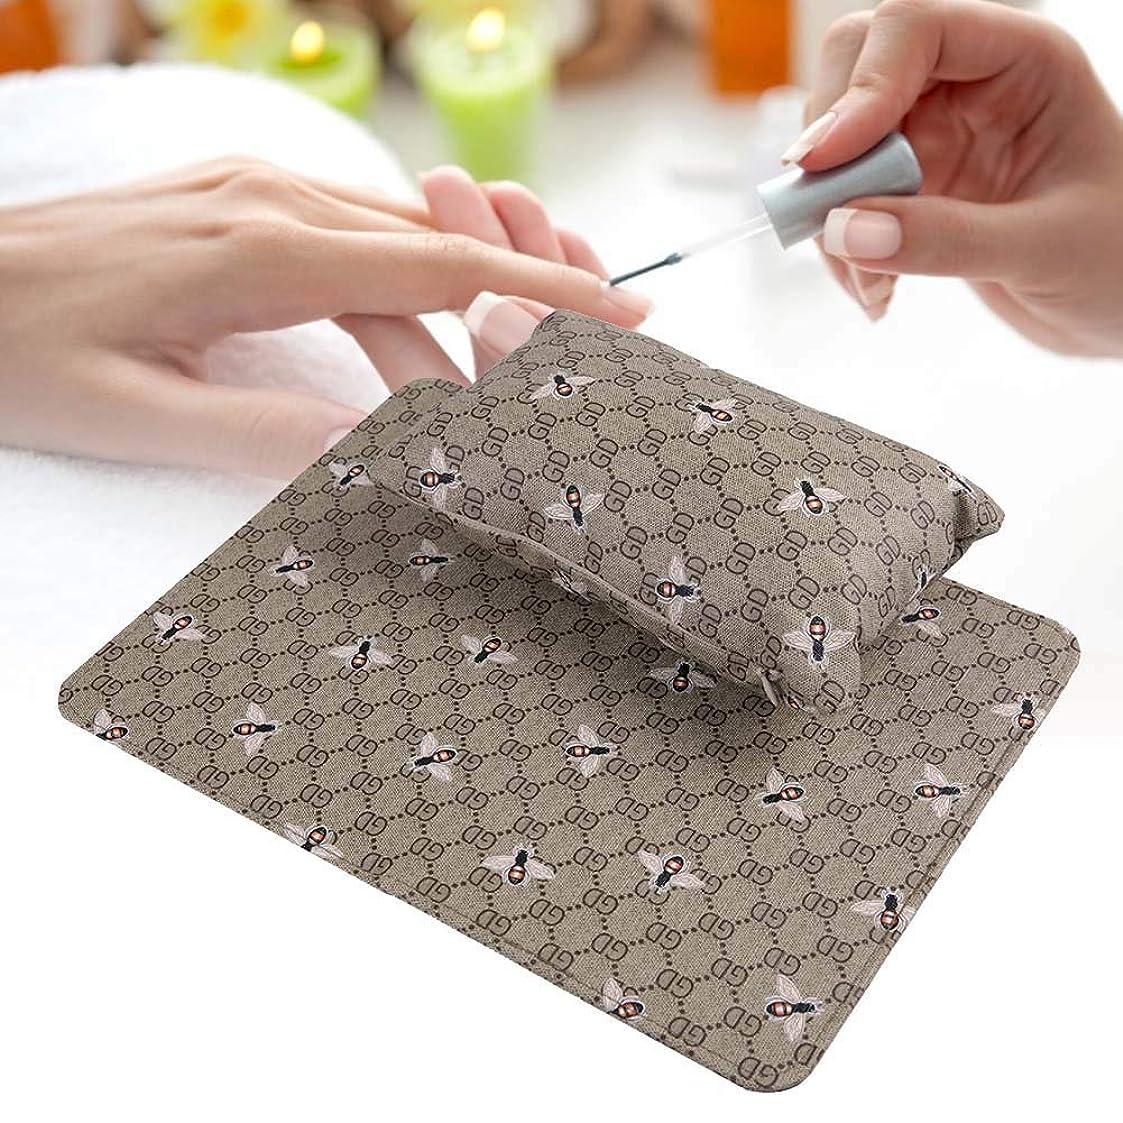 登録する交渉するダーツ折りたたみ マニキュアテーブル付き 洗える ハンドレスト枕 ソフト PUレザー/取り外し可能 (オリーブグリーン)